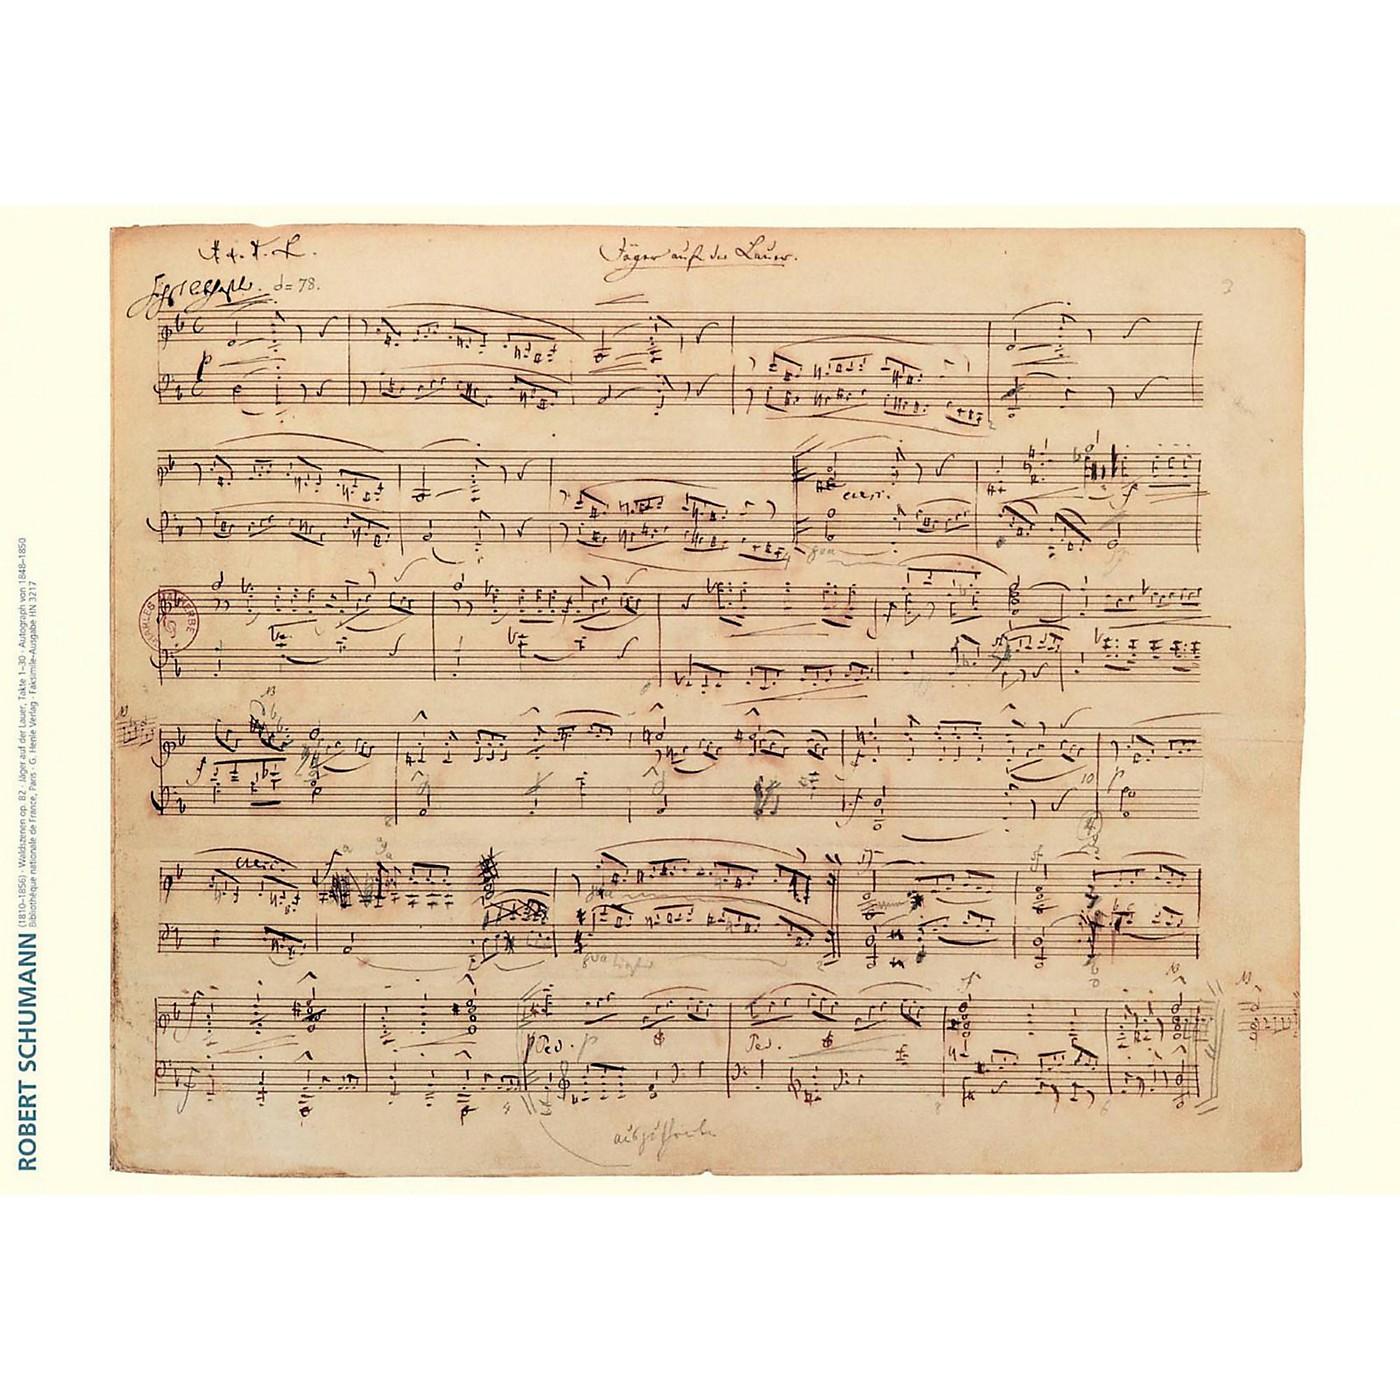 Axe Heaven Robert Schumann Music Manuscript Poster - Forest Scenes, Op. 82 thumbnail